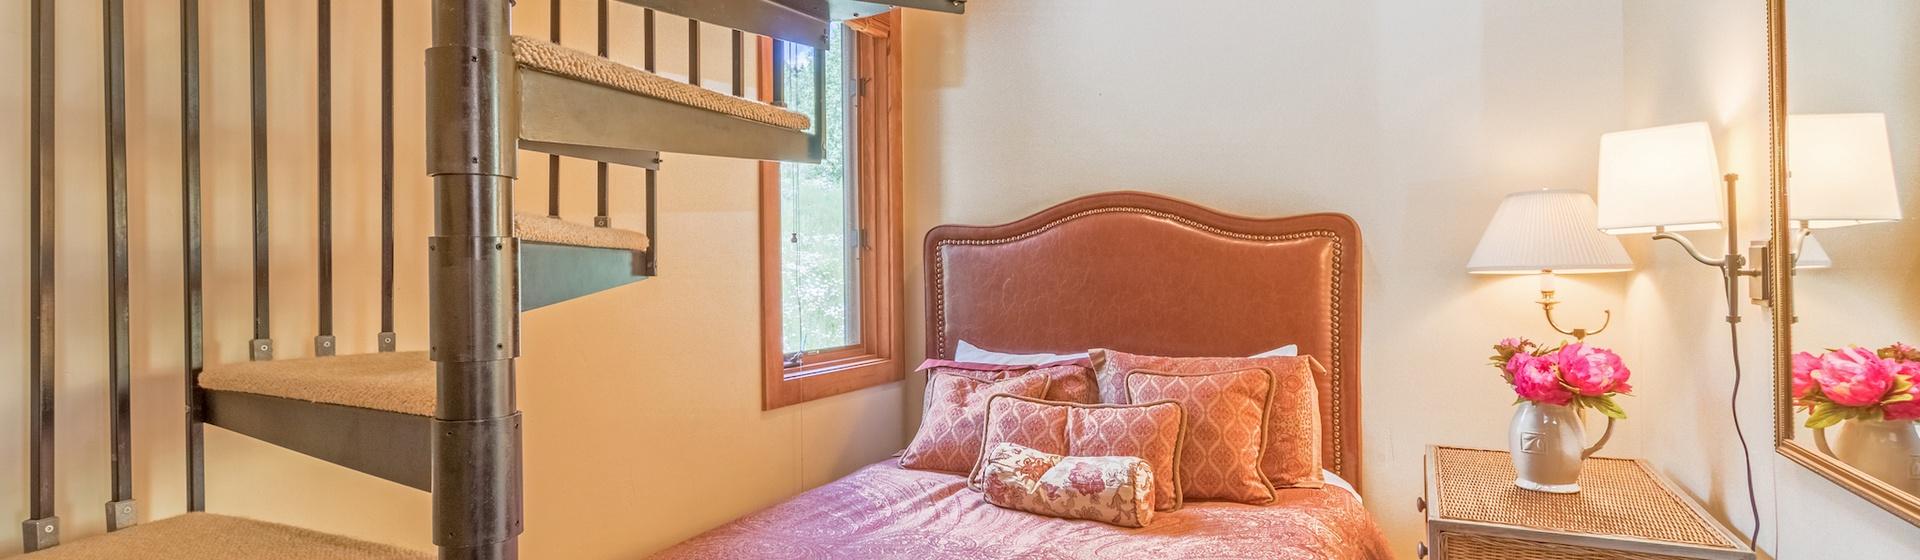 10-Telluride-Terraces402-Bedroom2.JPG